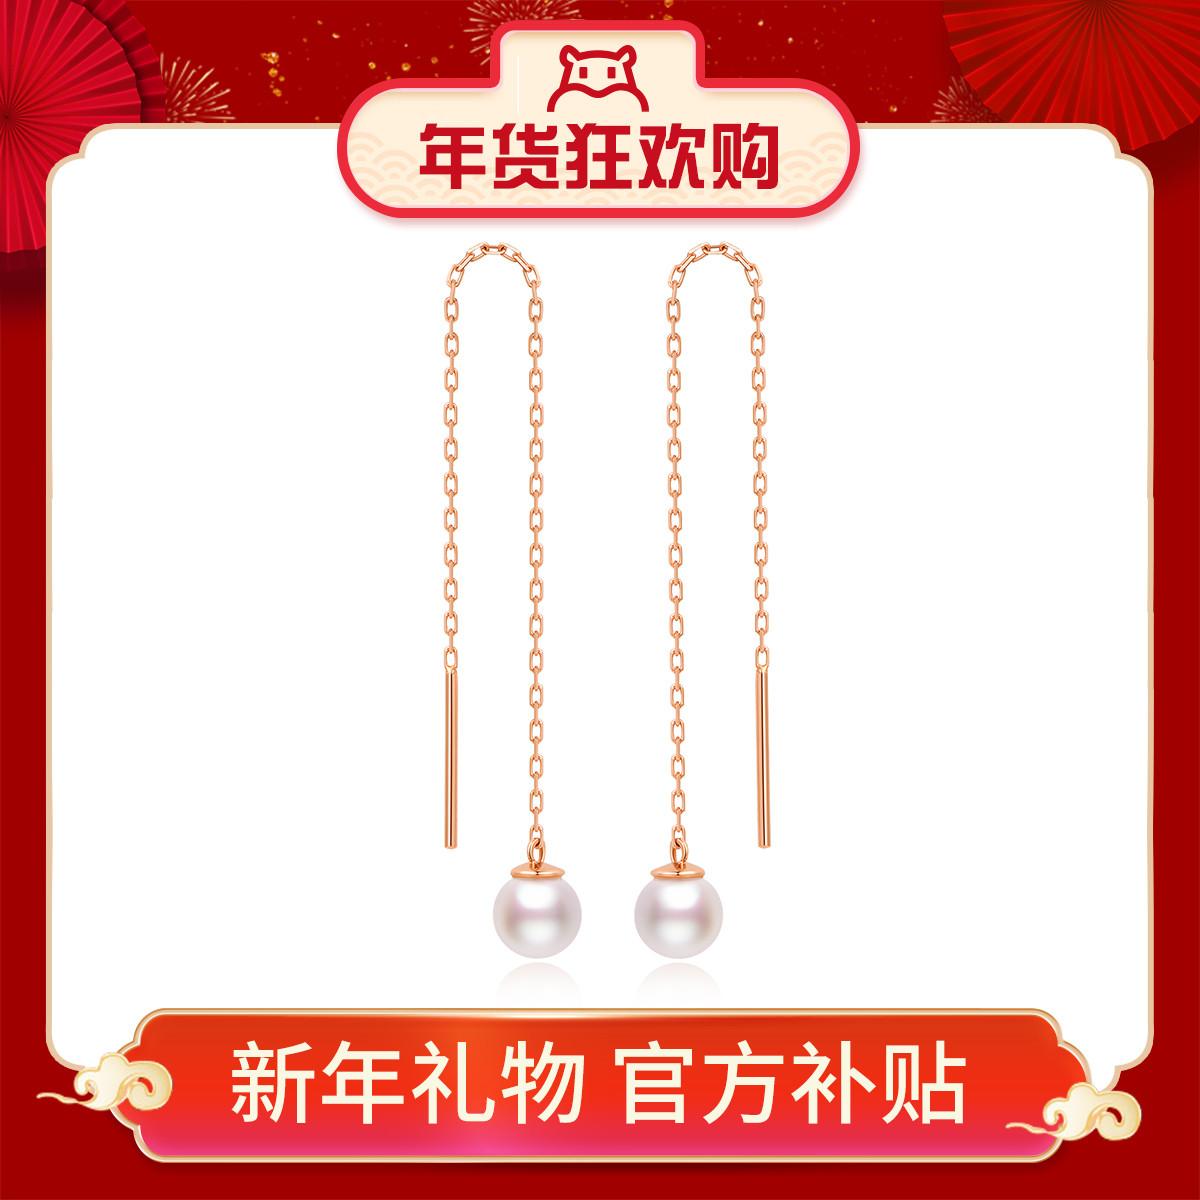 [新年礼物]明牌 18K金耳线 彩金珍珠长耳钉时尚耳饰 定价